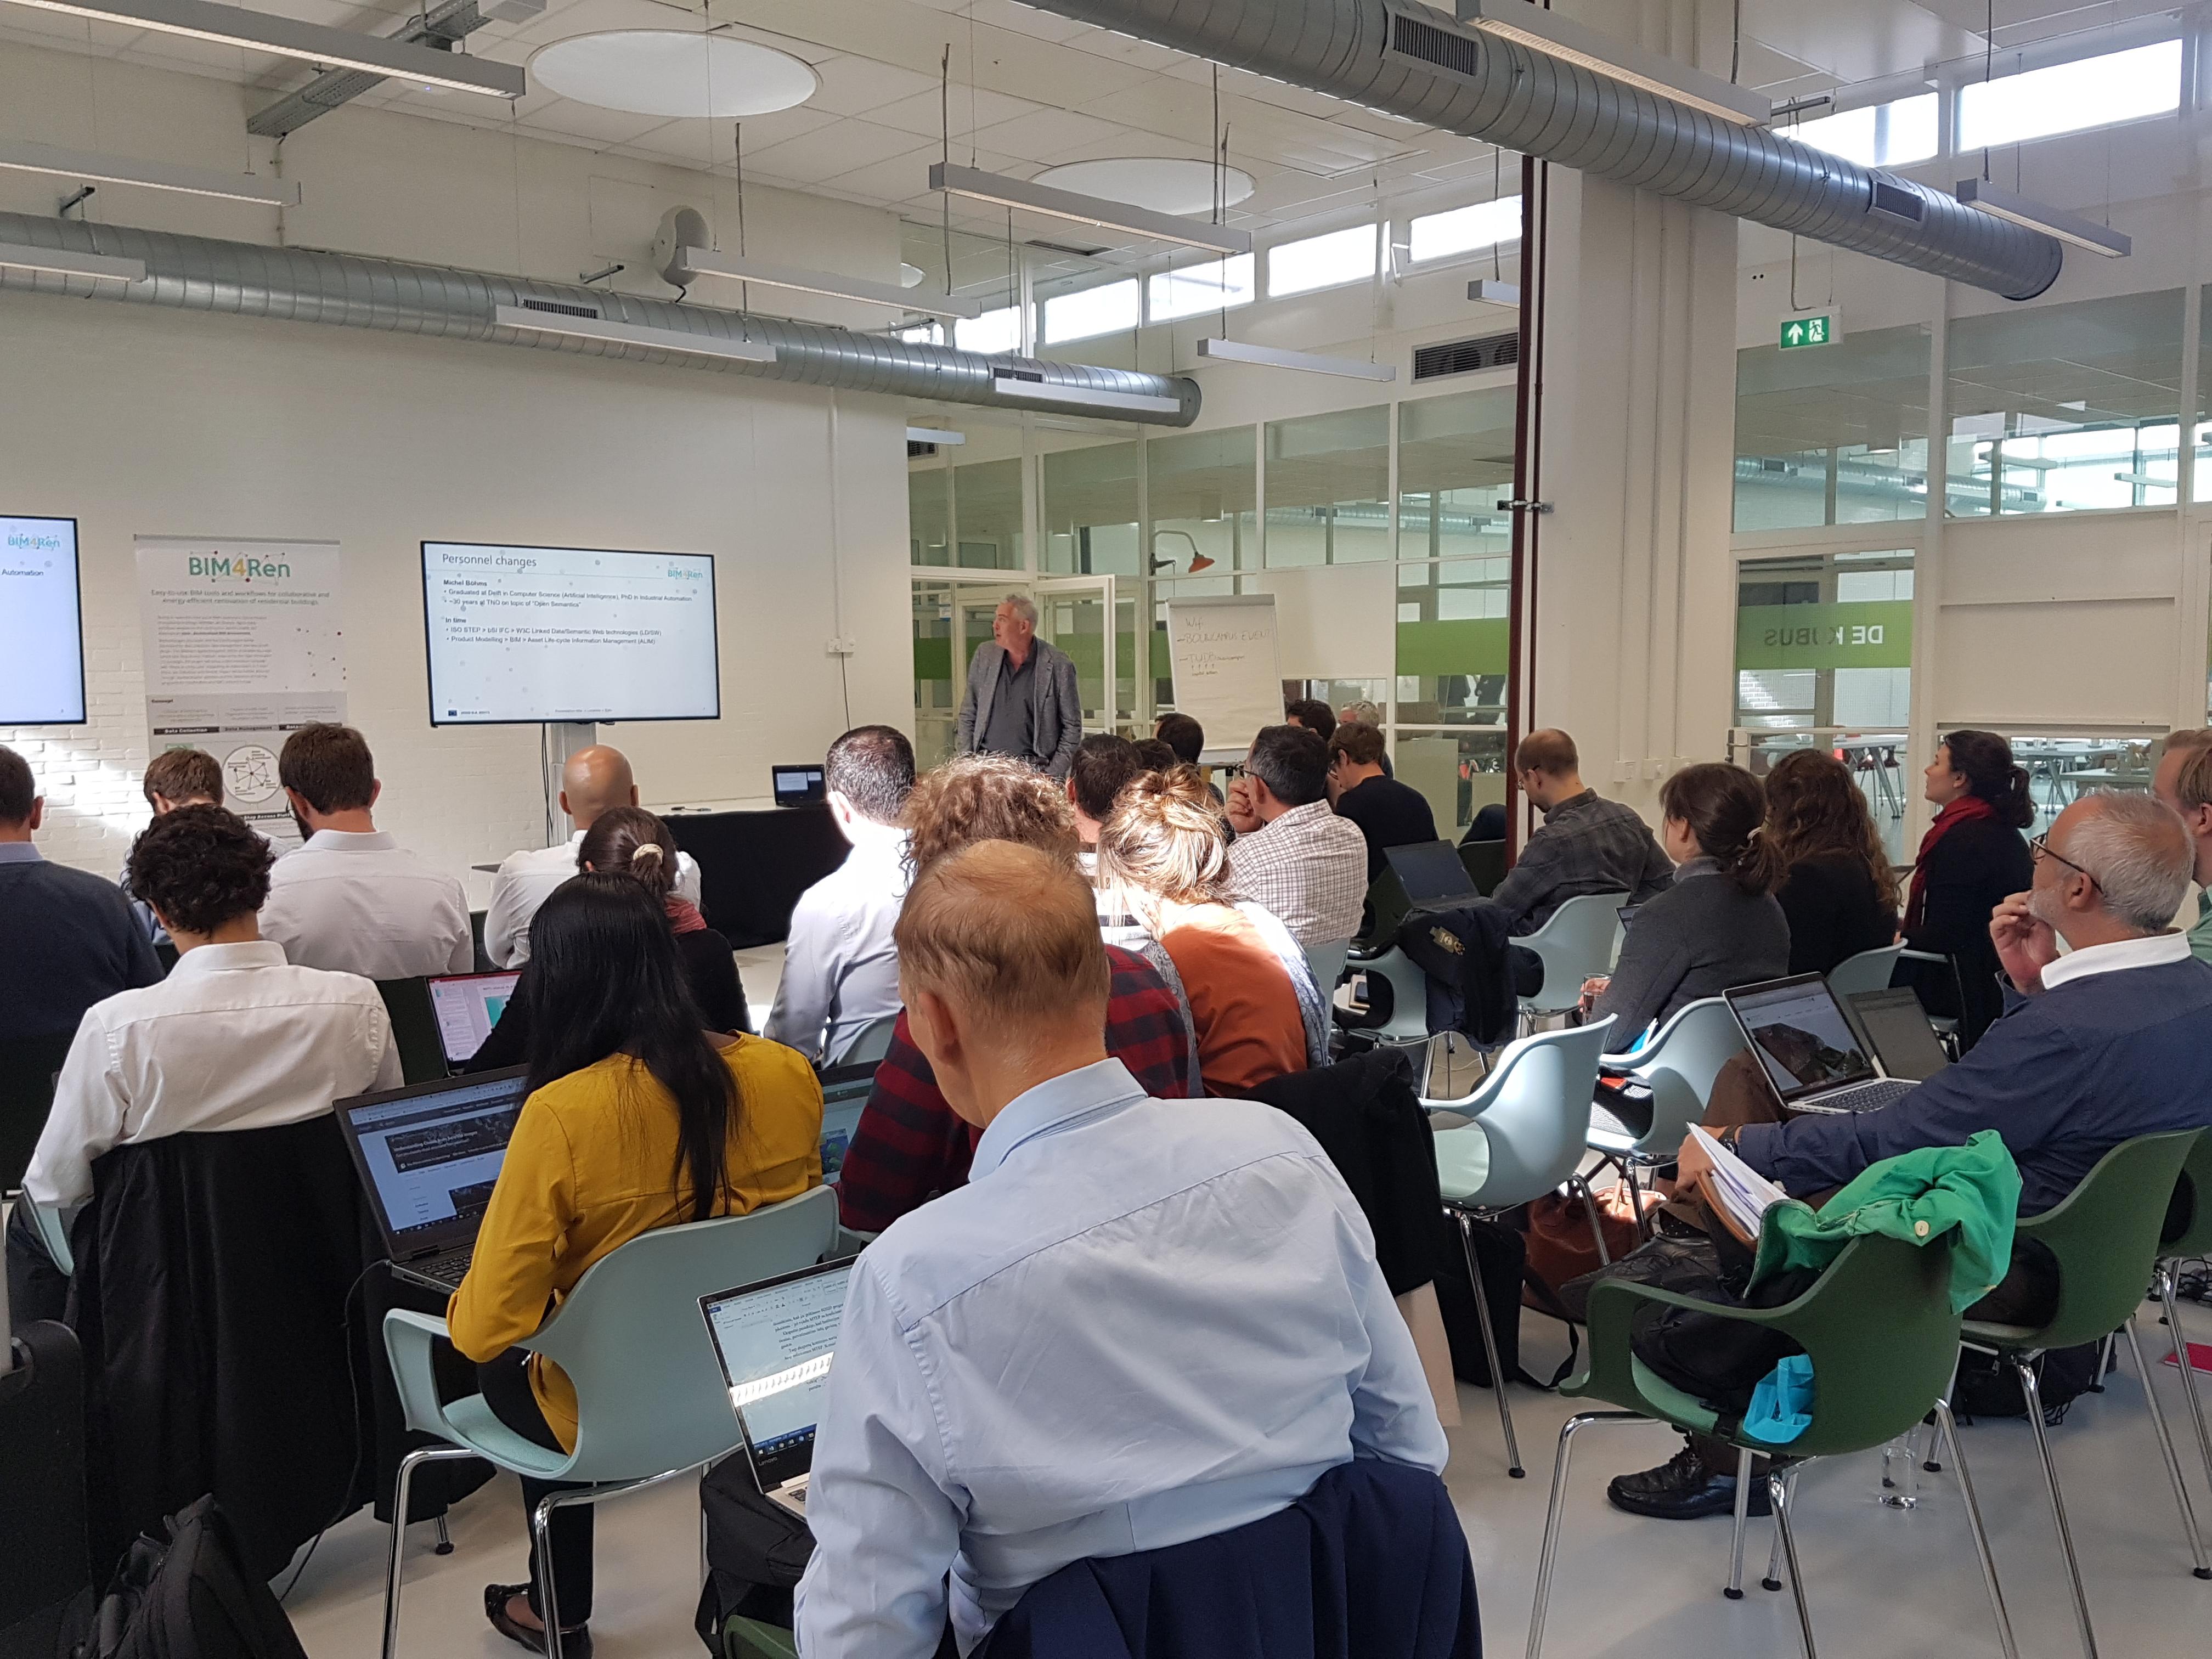 foto noticia: El proyecto europeo BIM4REN continua avanzando